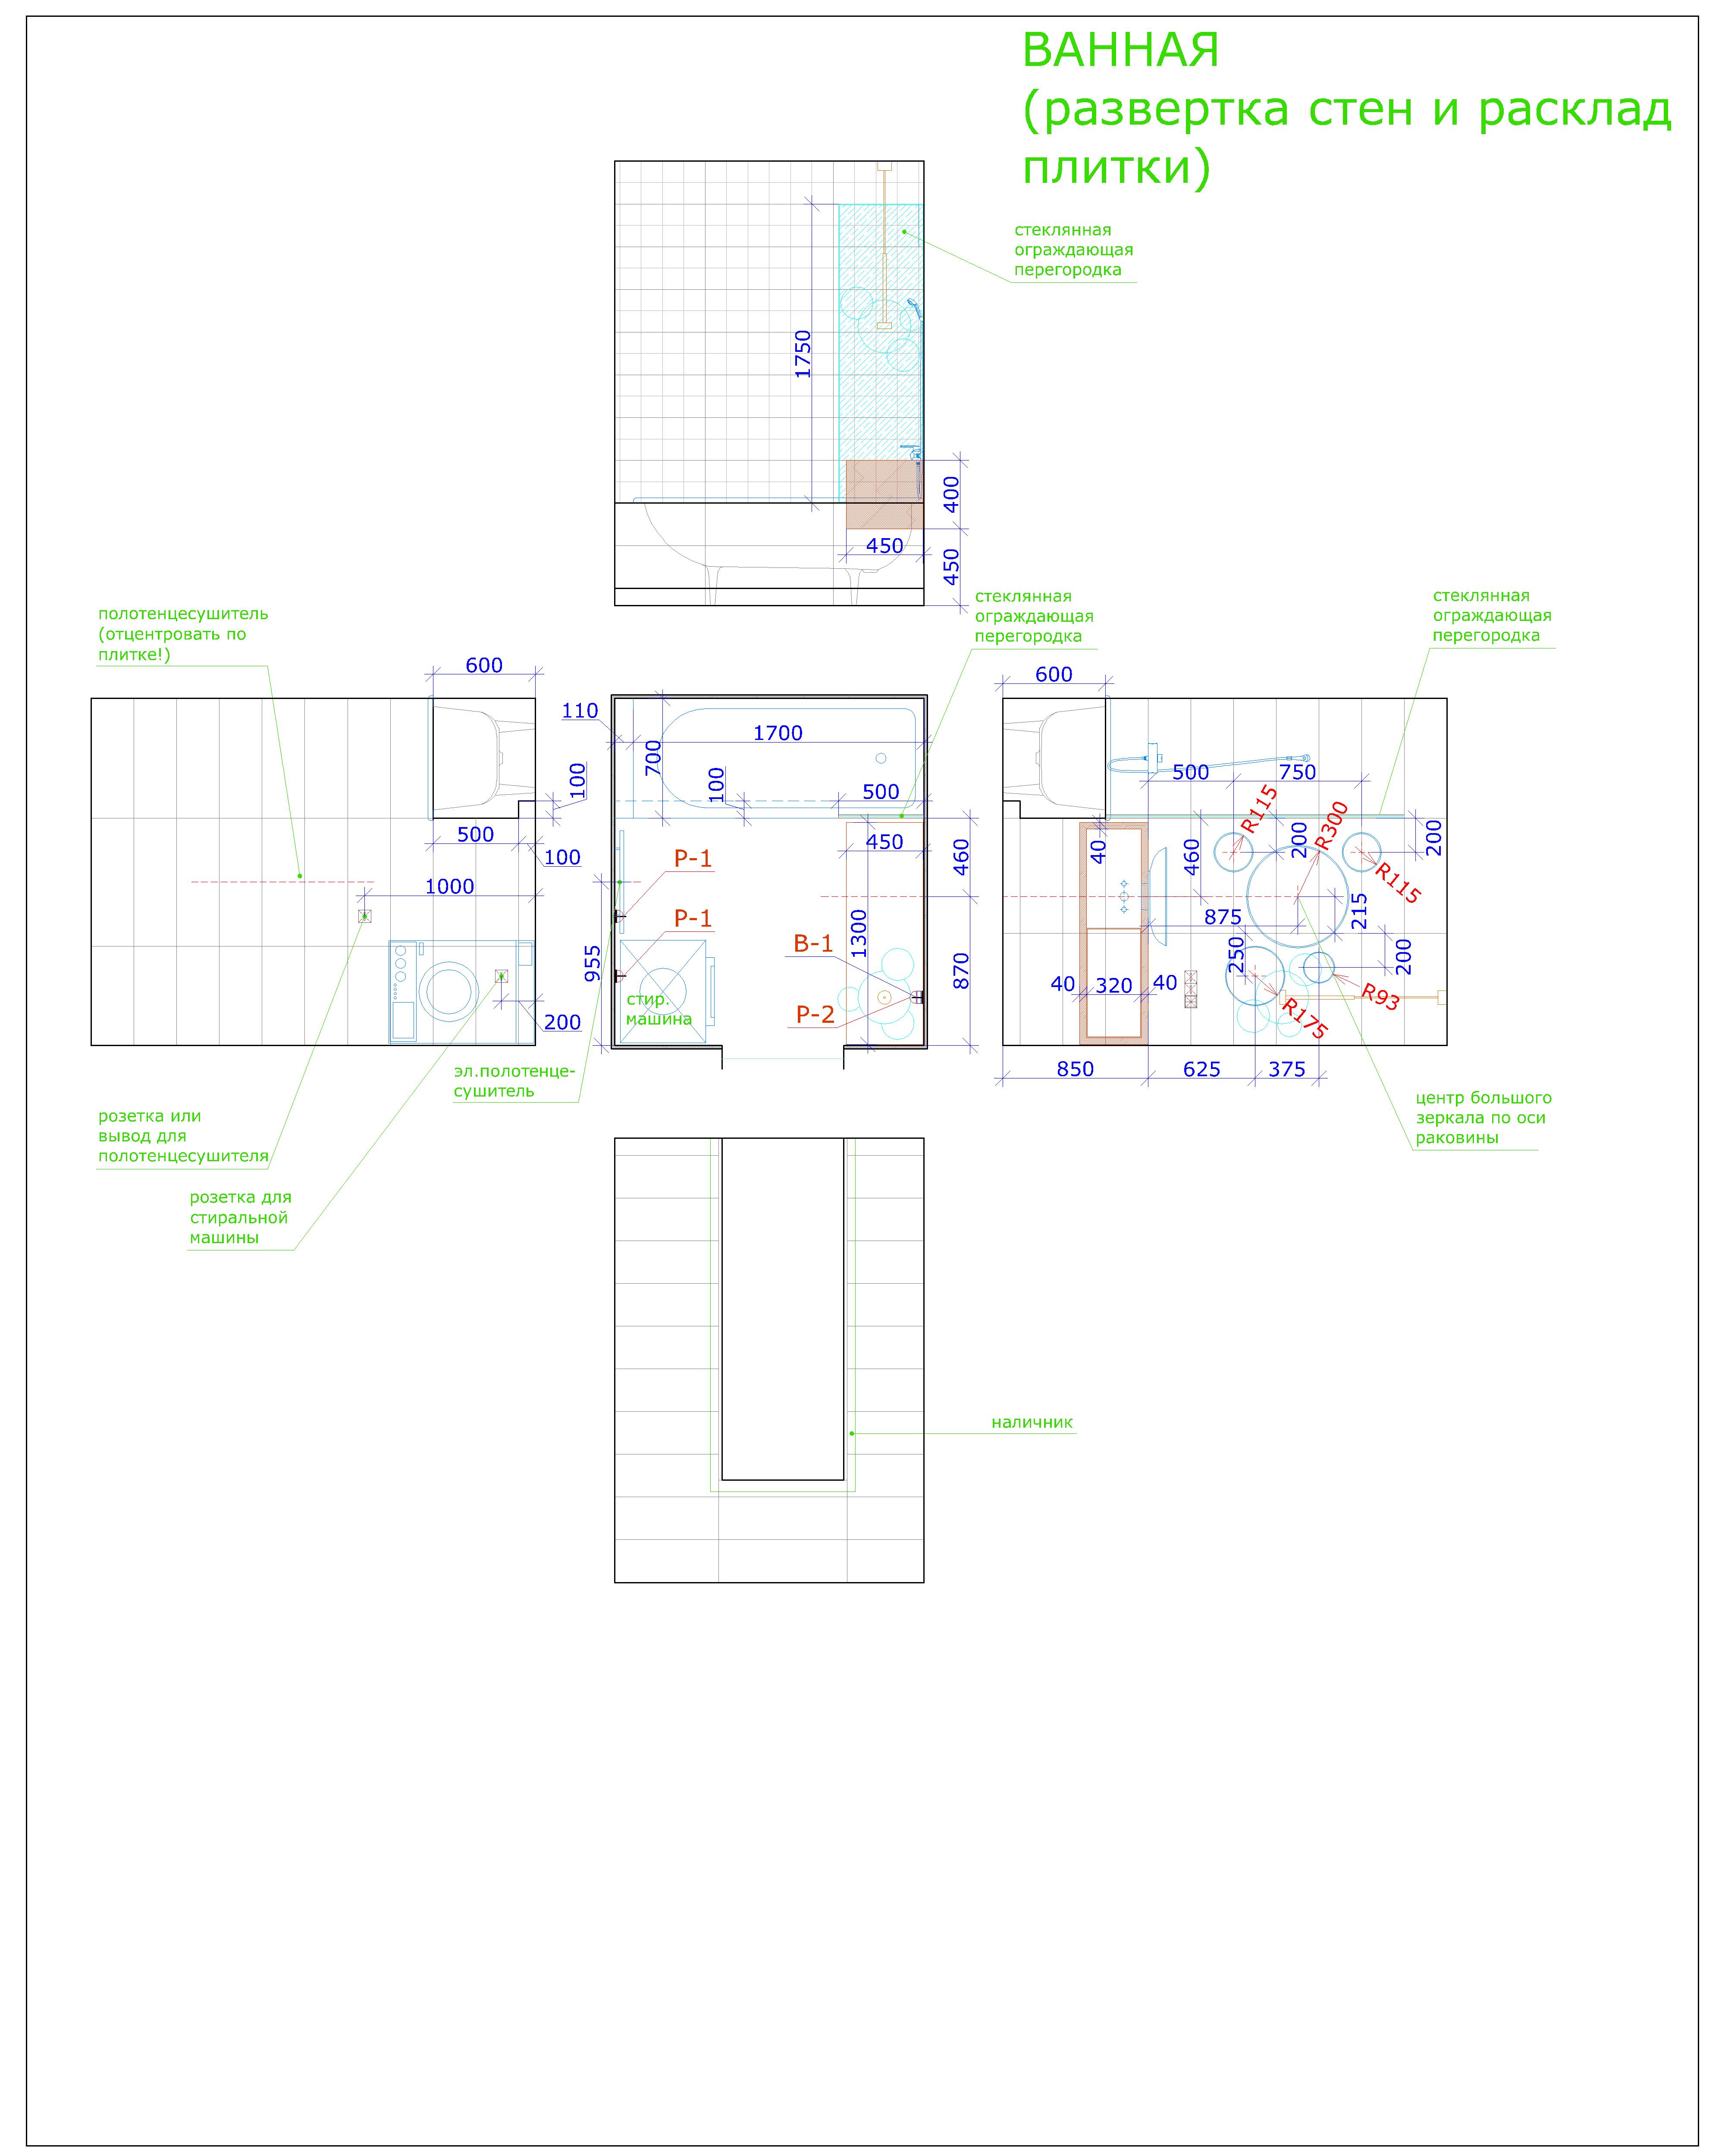 Расклад плитки - Ванна (Проект И)